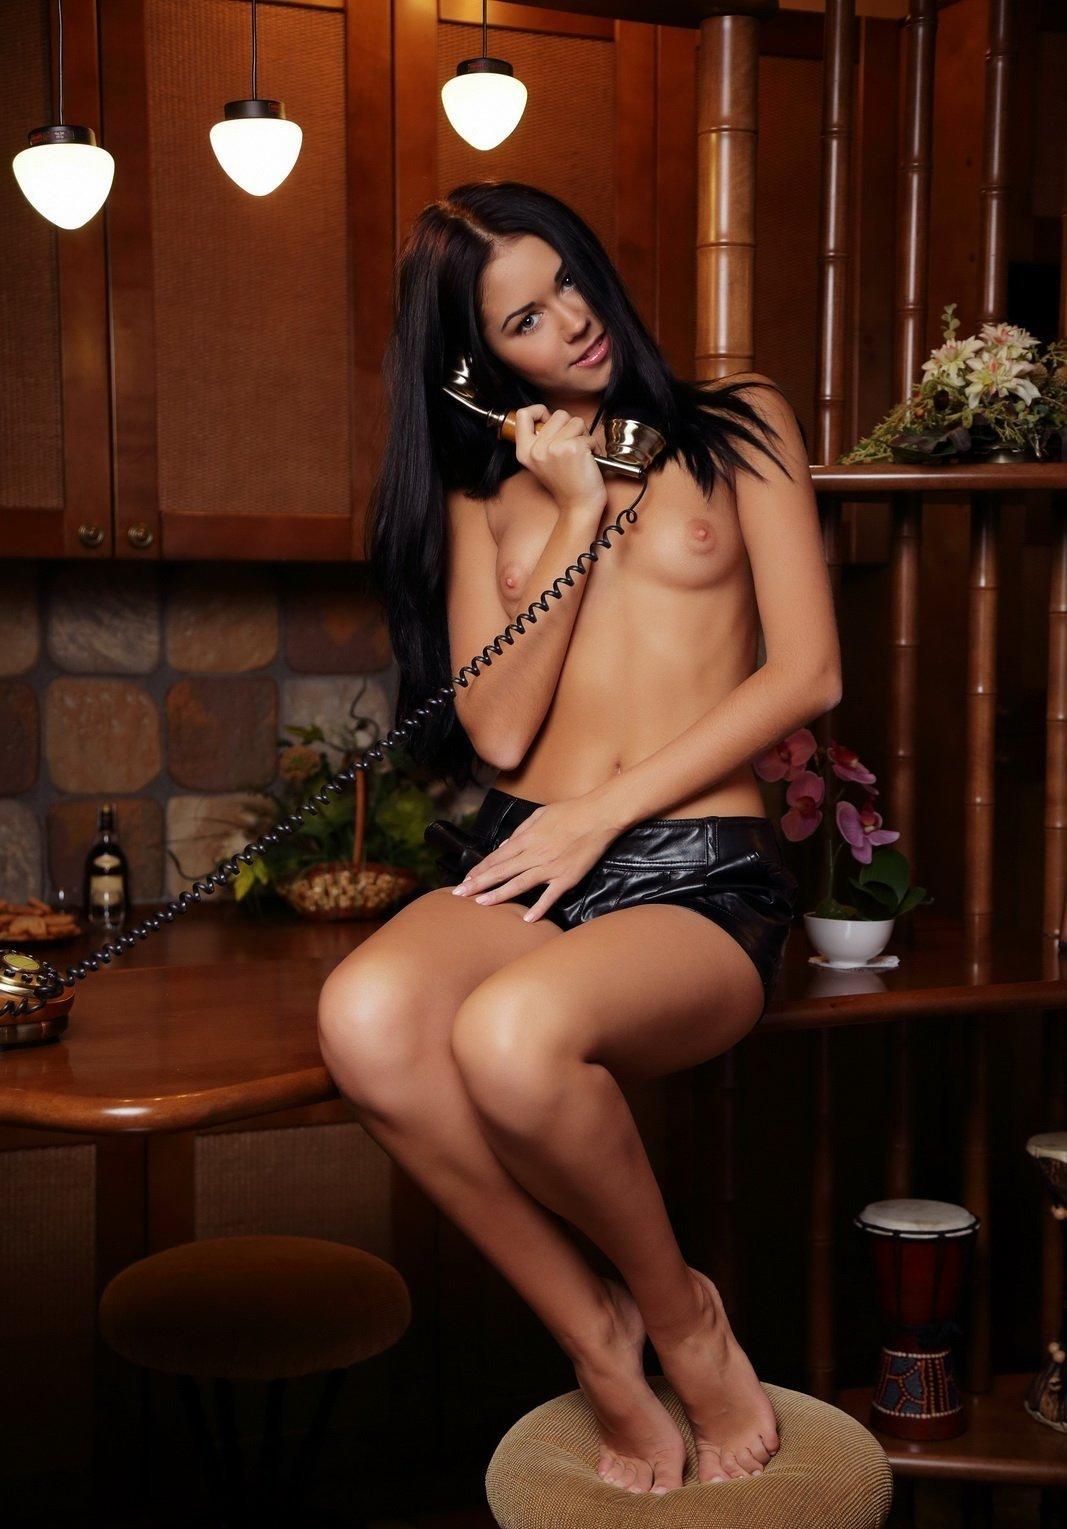 проститутки магнитогорск цена